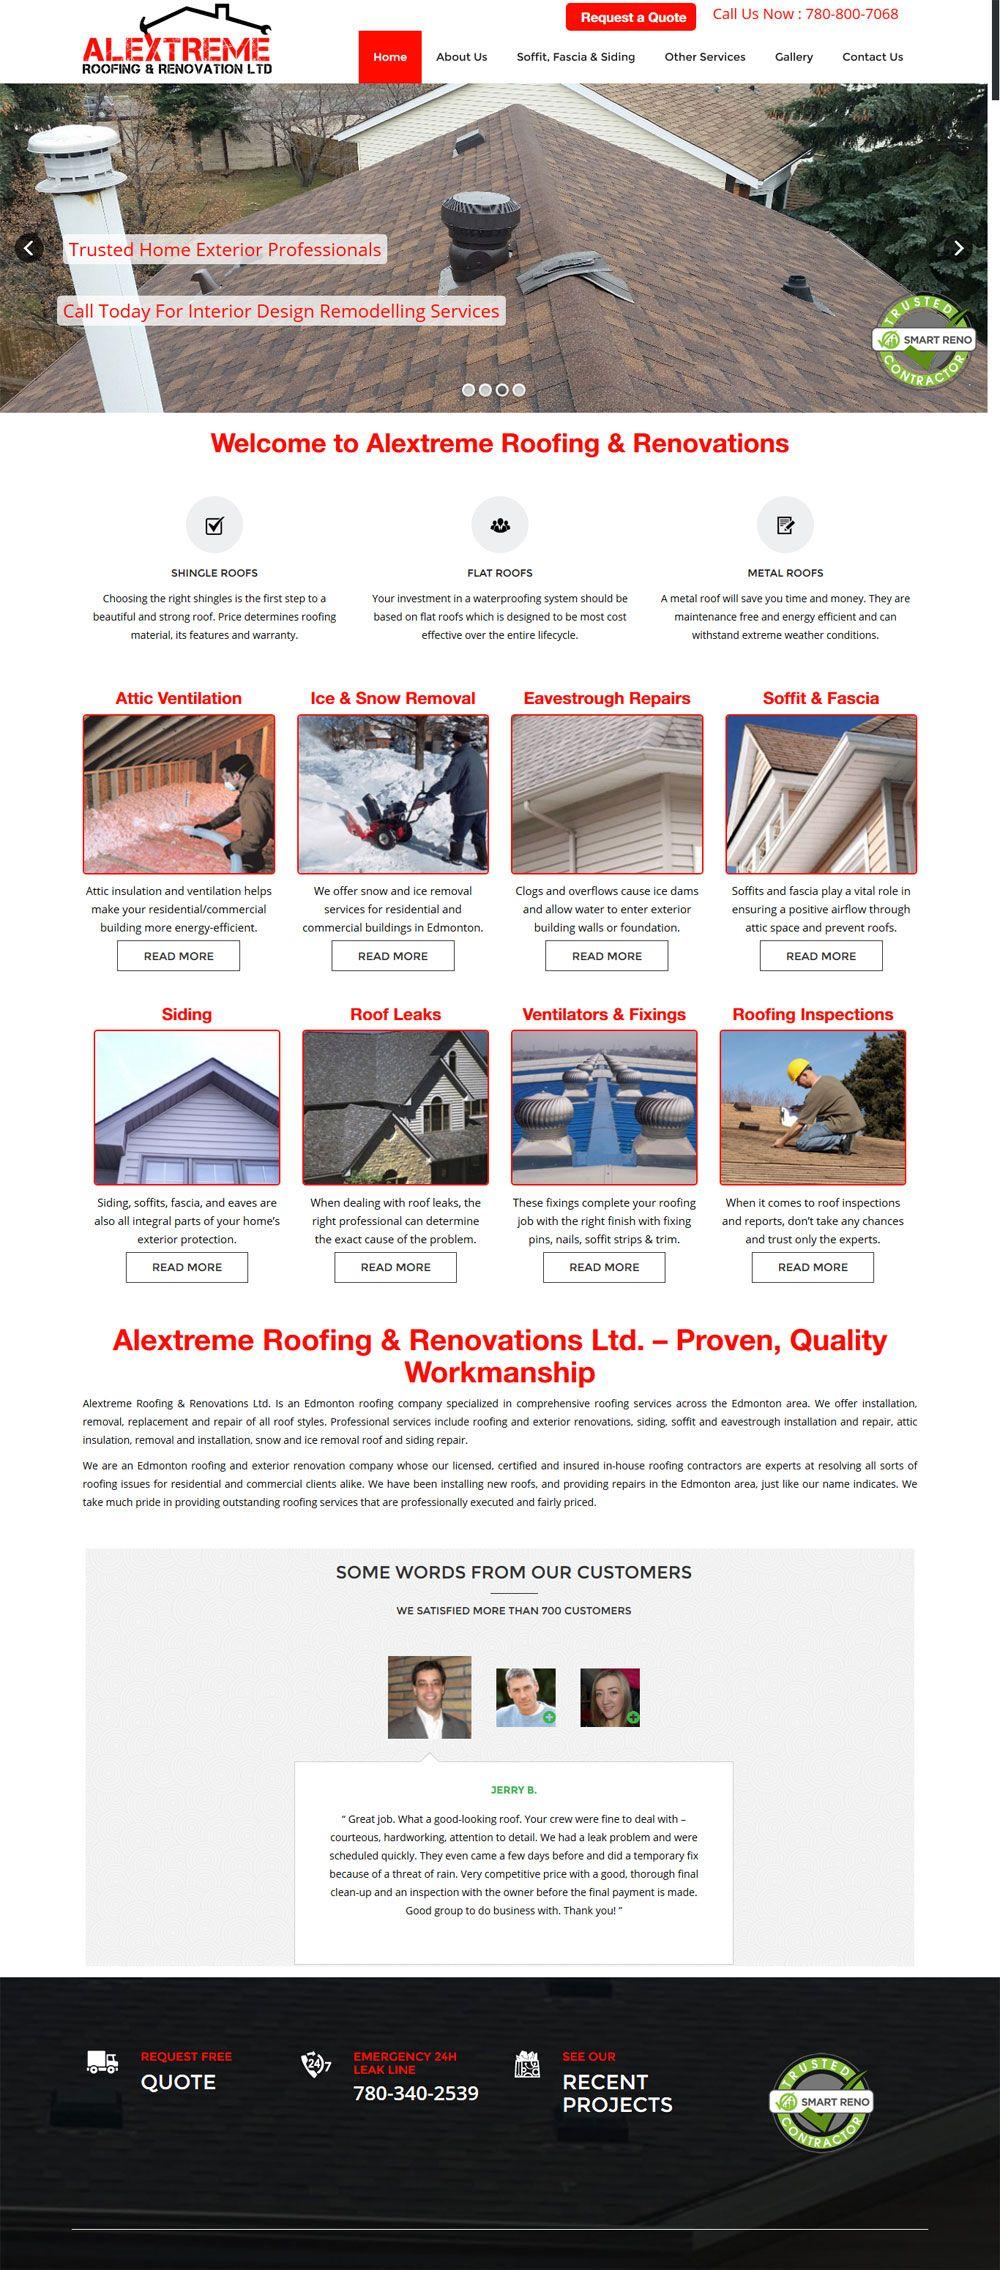 Web Design Portfolio By Calgary Top Web Developers Portfolio Web Design Portfolio Website Design Portfolio Design